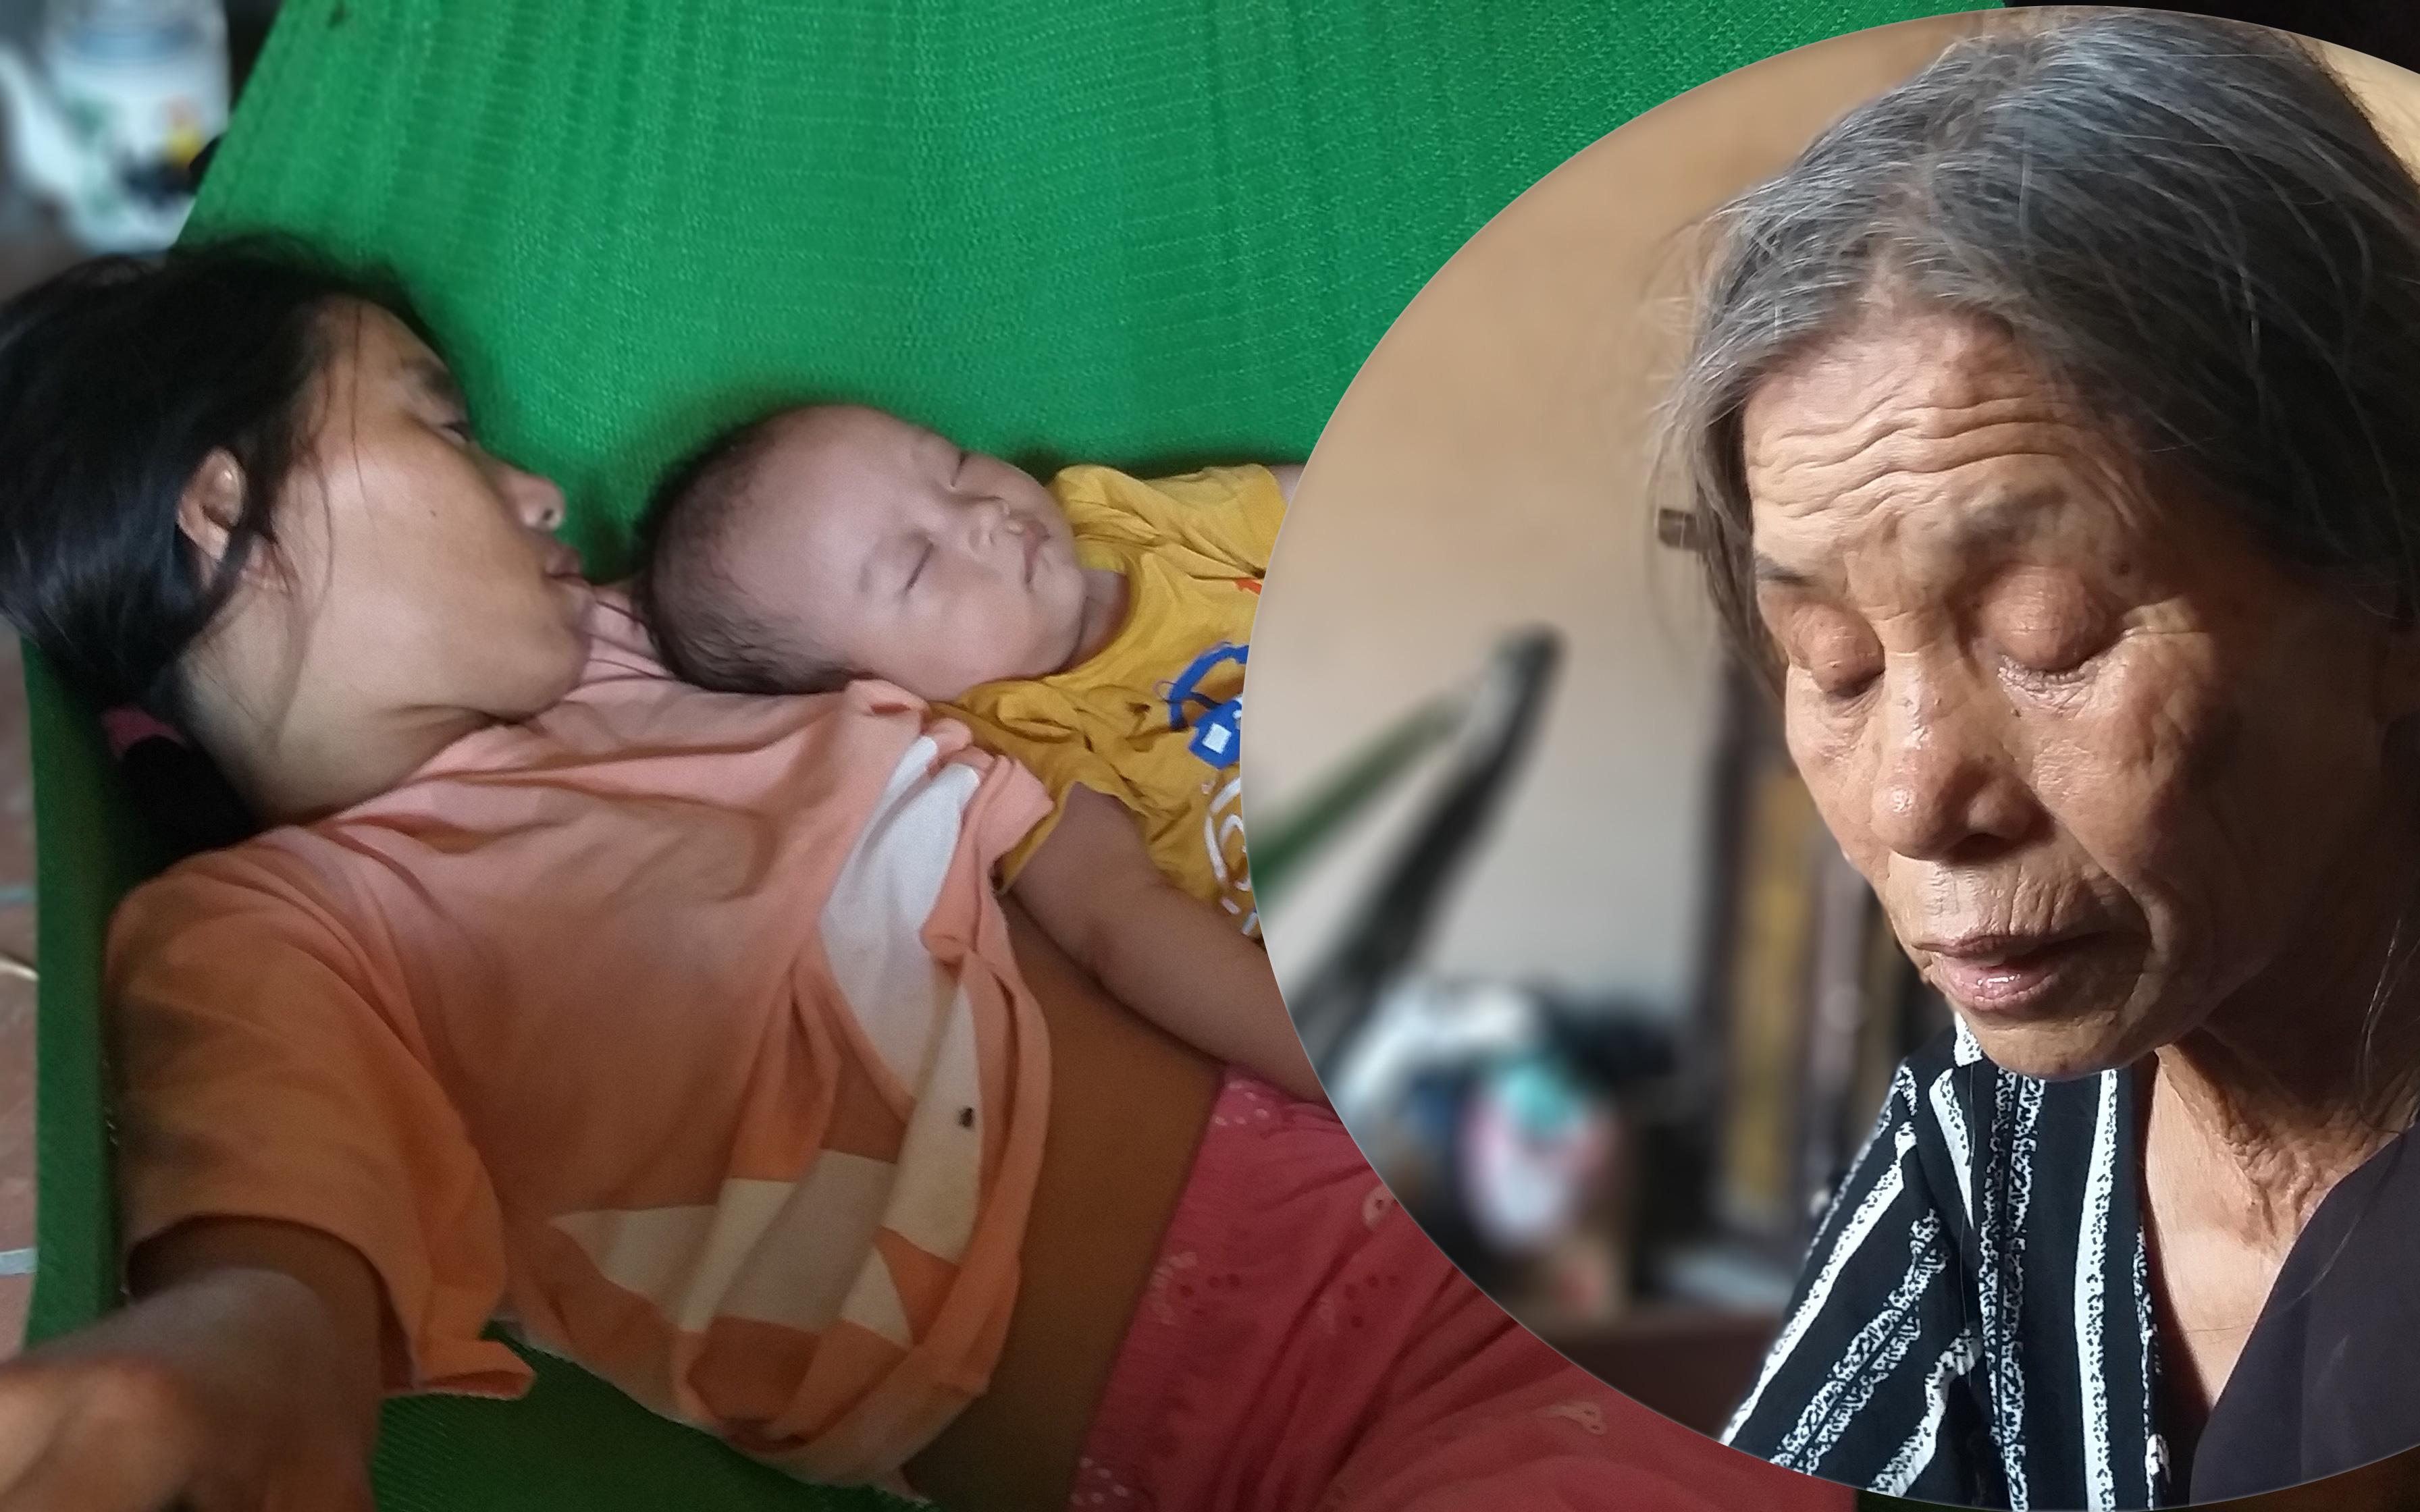 Tâm sự người mẹ già nuôi con gái 40 tuổi bị tâm thần, sinh con bất đắc dĩ sau vụ xâm hại: ''Có lẽ đó là duyên số, muốn tránh cũng đâu có được''